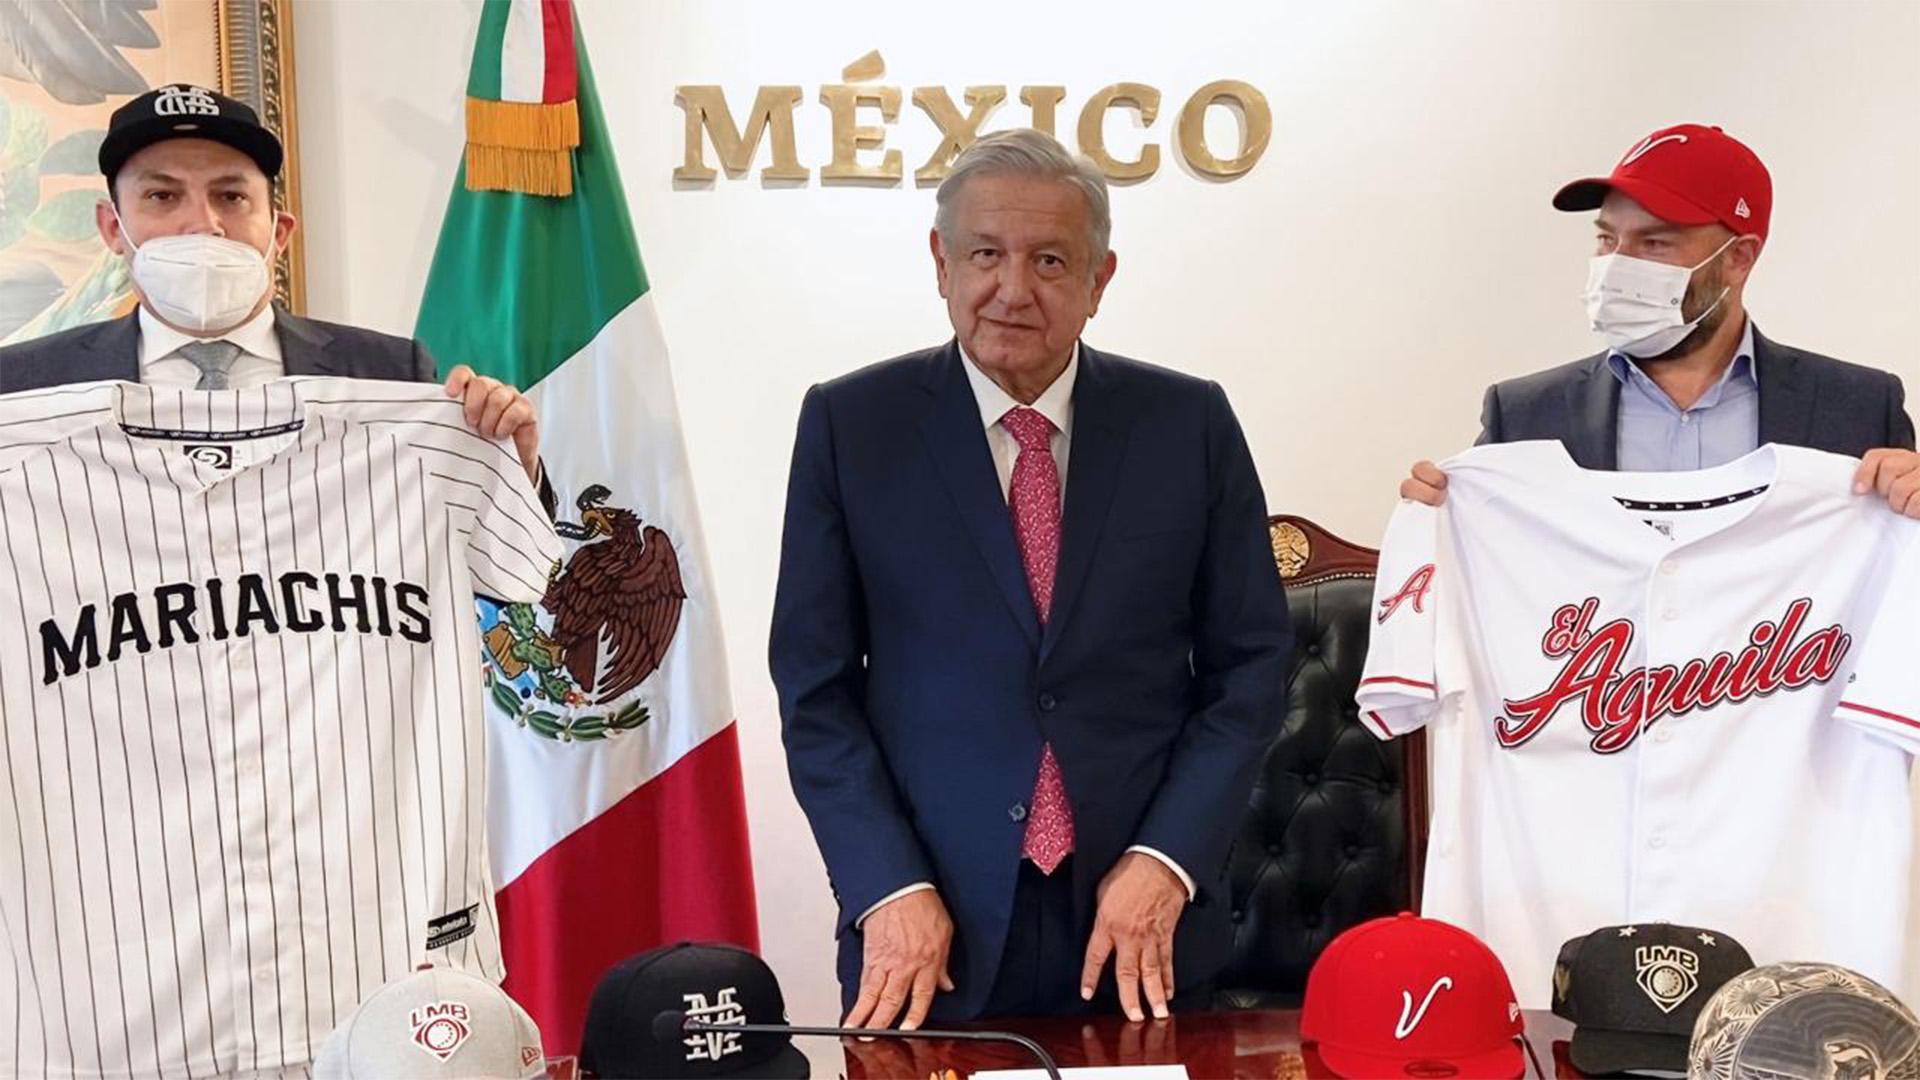 LMB confirma el regreso del Águila de Veracruz, el equipo deberá cumplir con los estatus en tiempo y forma para participar en la temporada 2021